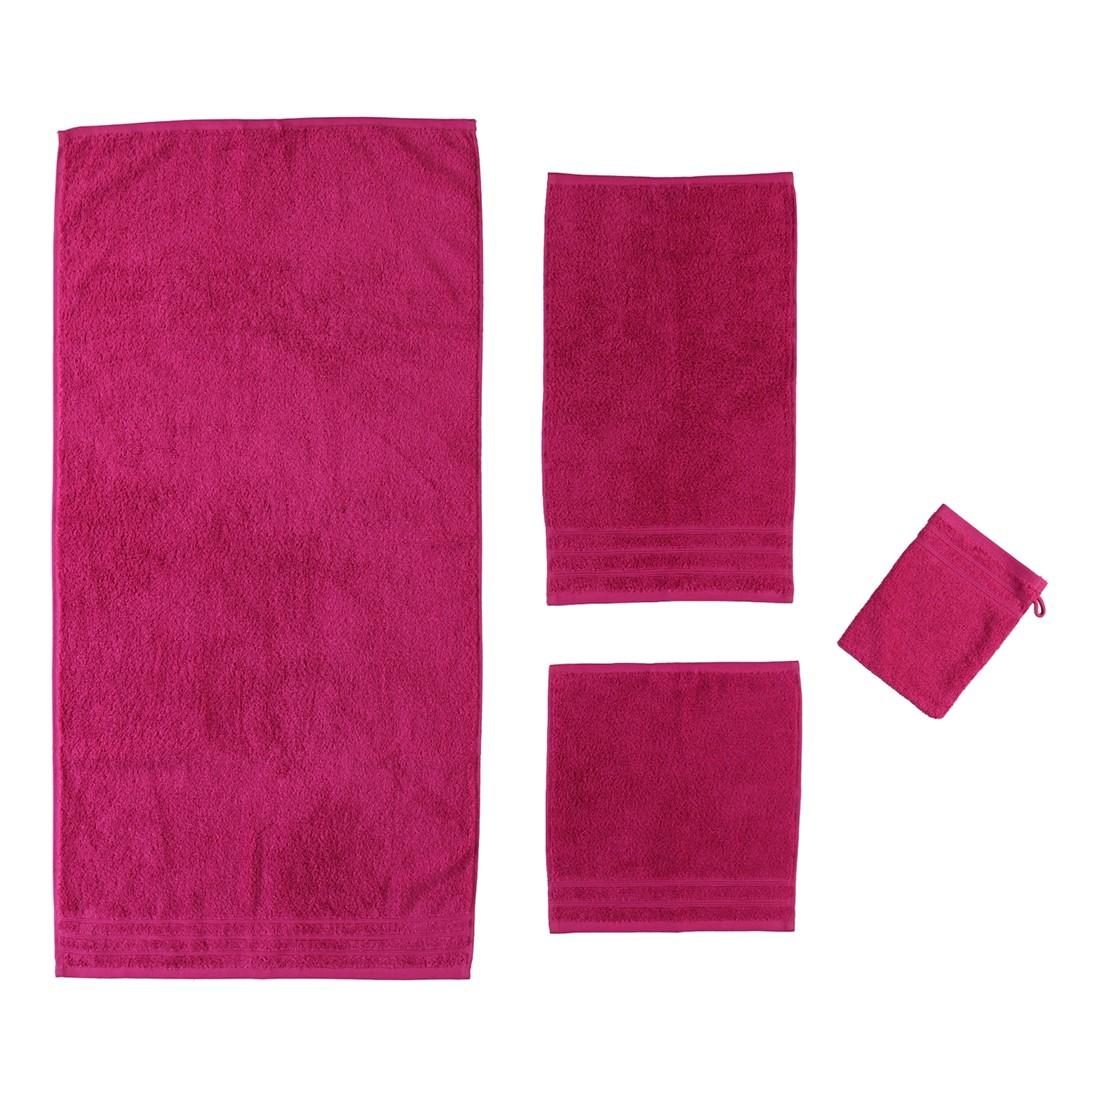 Handtuch Royal – 100% Baumwolle Cranberry – 484 – Gästetuch: 30 x 50 cm, Kleine Wolke günstig bestellen